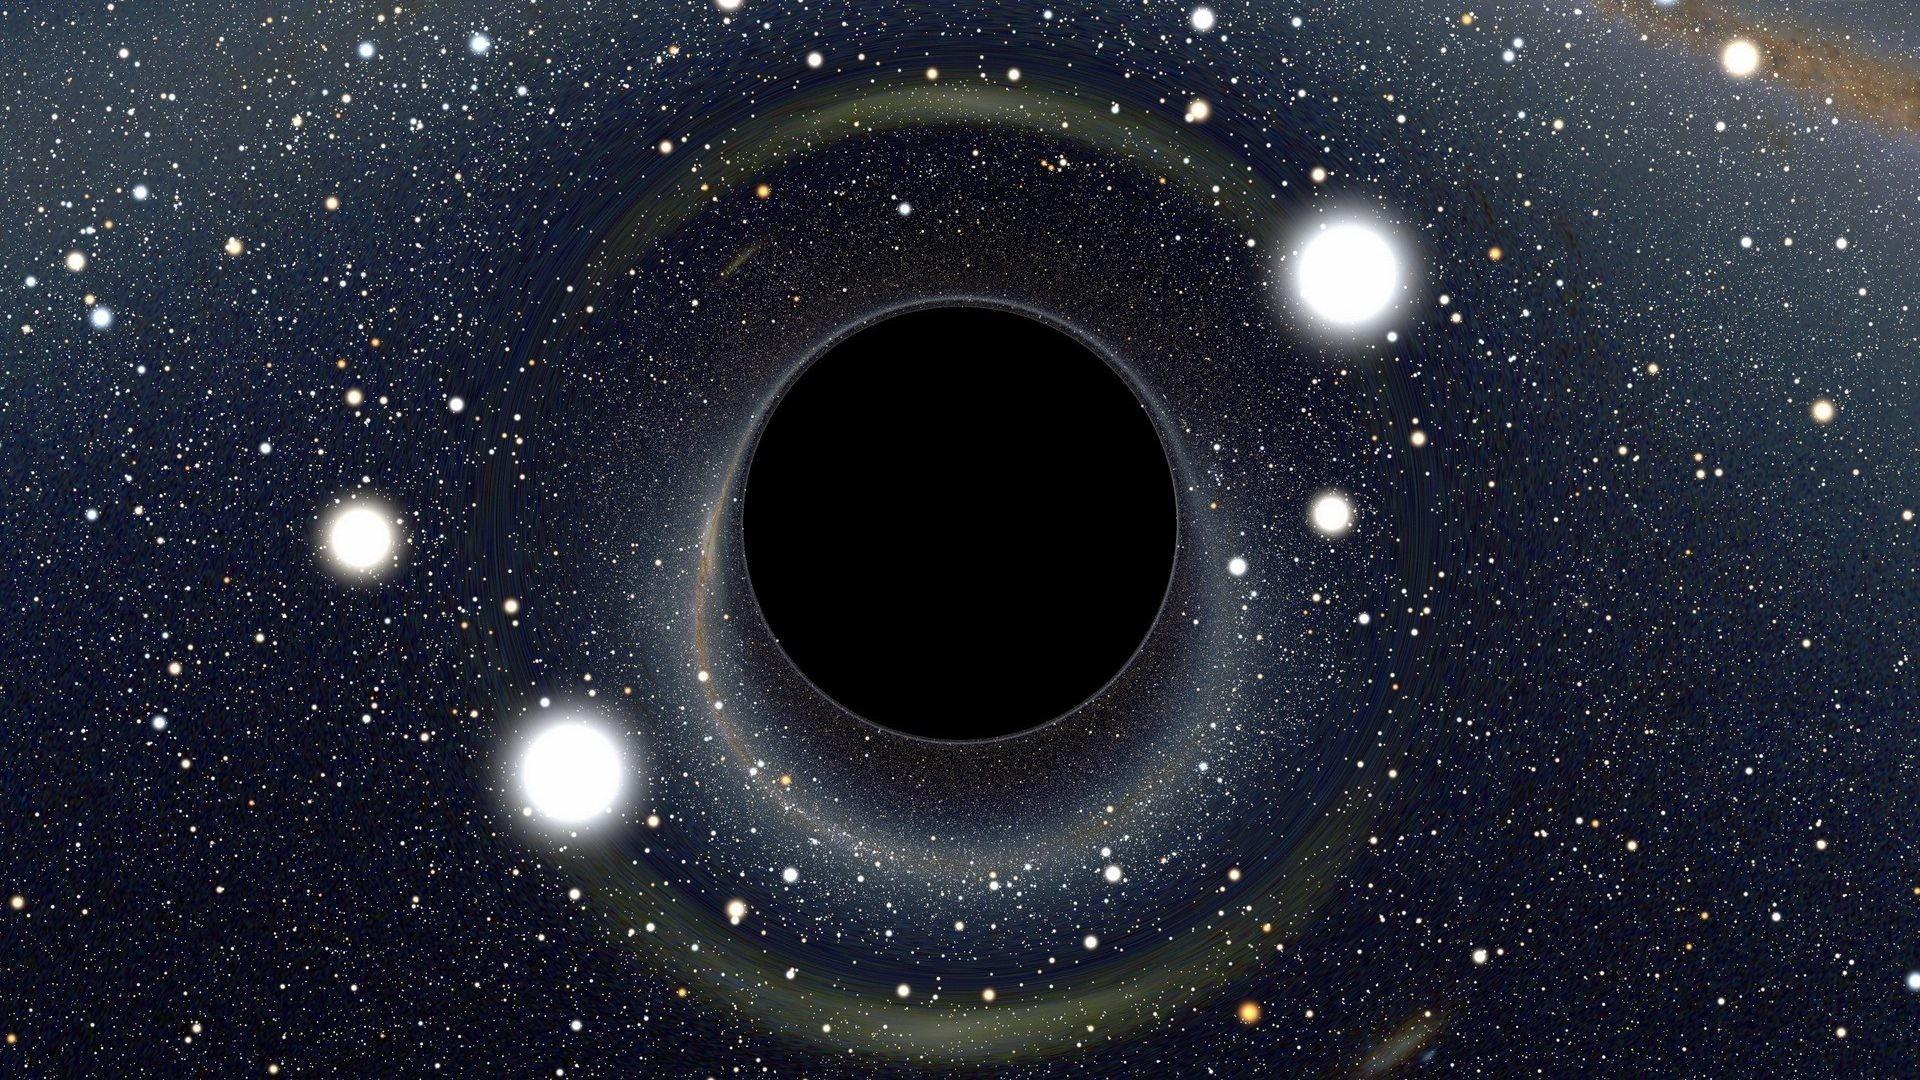 Black Hole Wallpaper HD Wallpapers Apple Artworks 4k Best 1920x1080